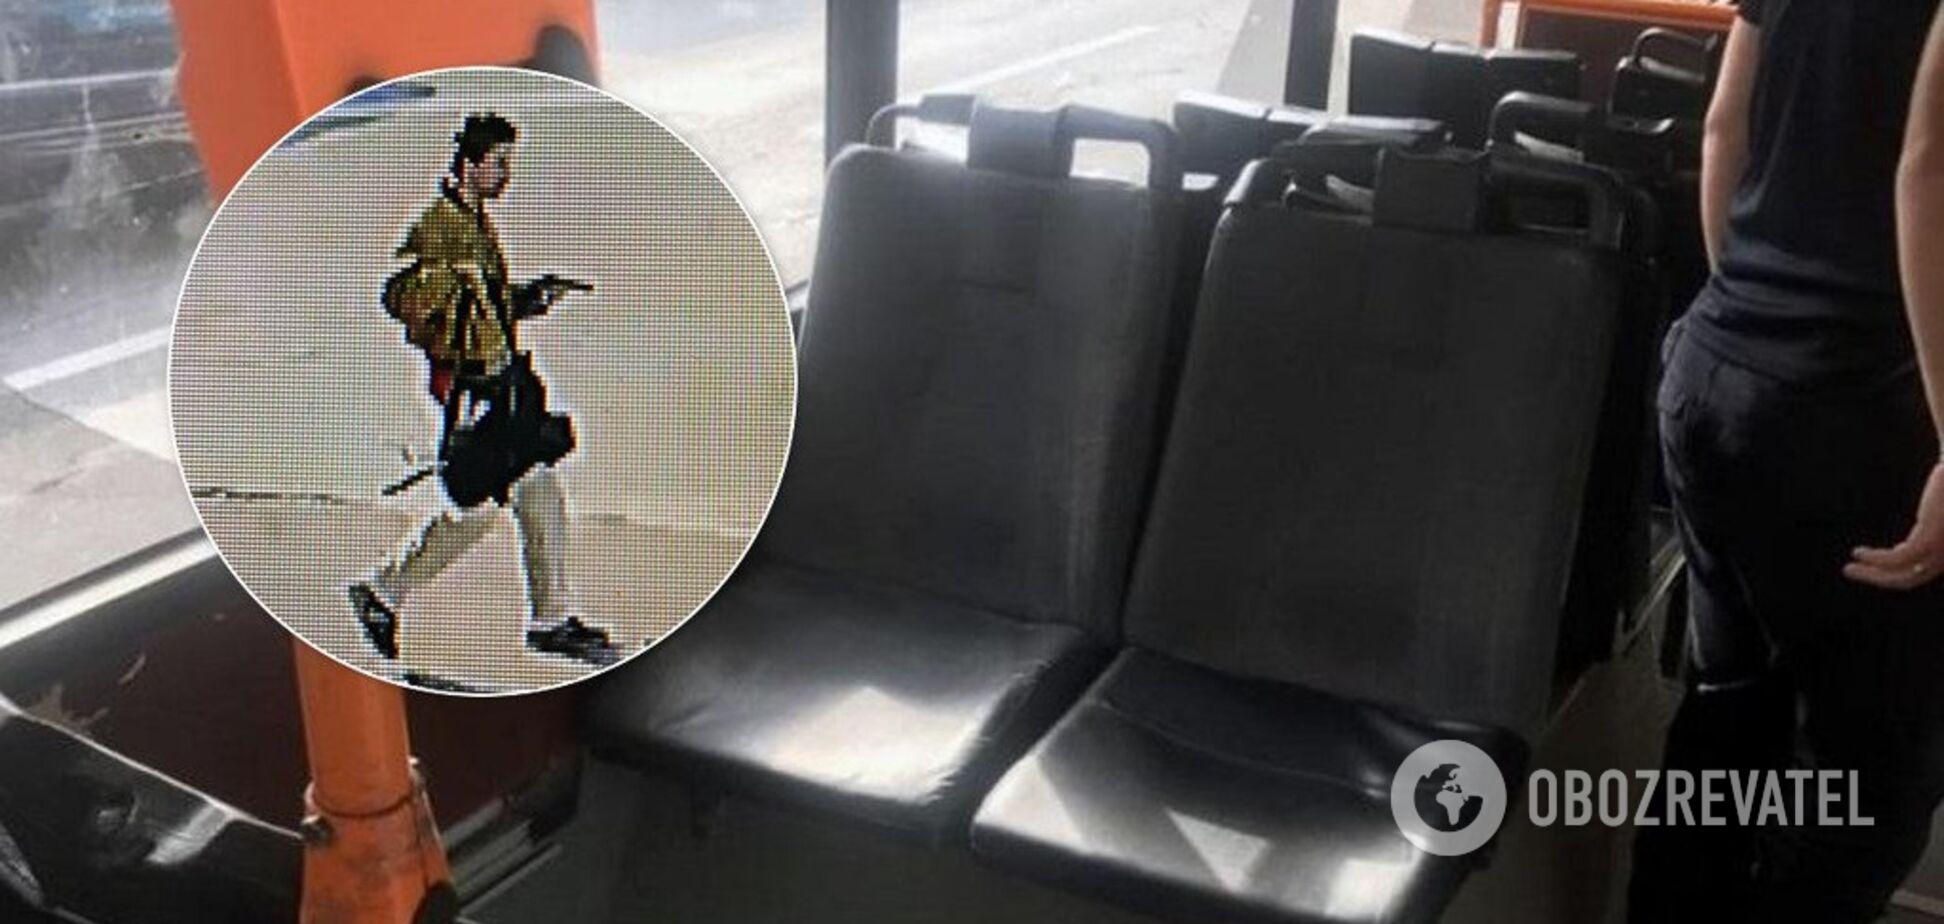 У Києві трапилася стрілянина у тролейбусі з людьми